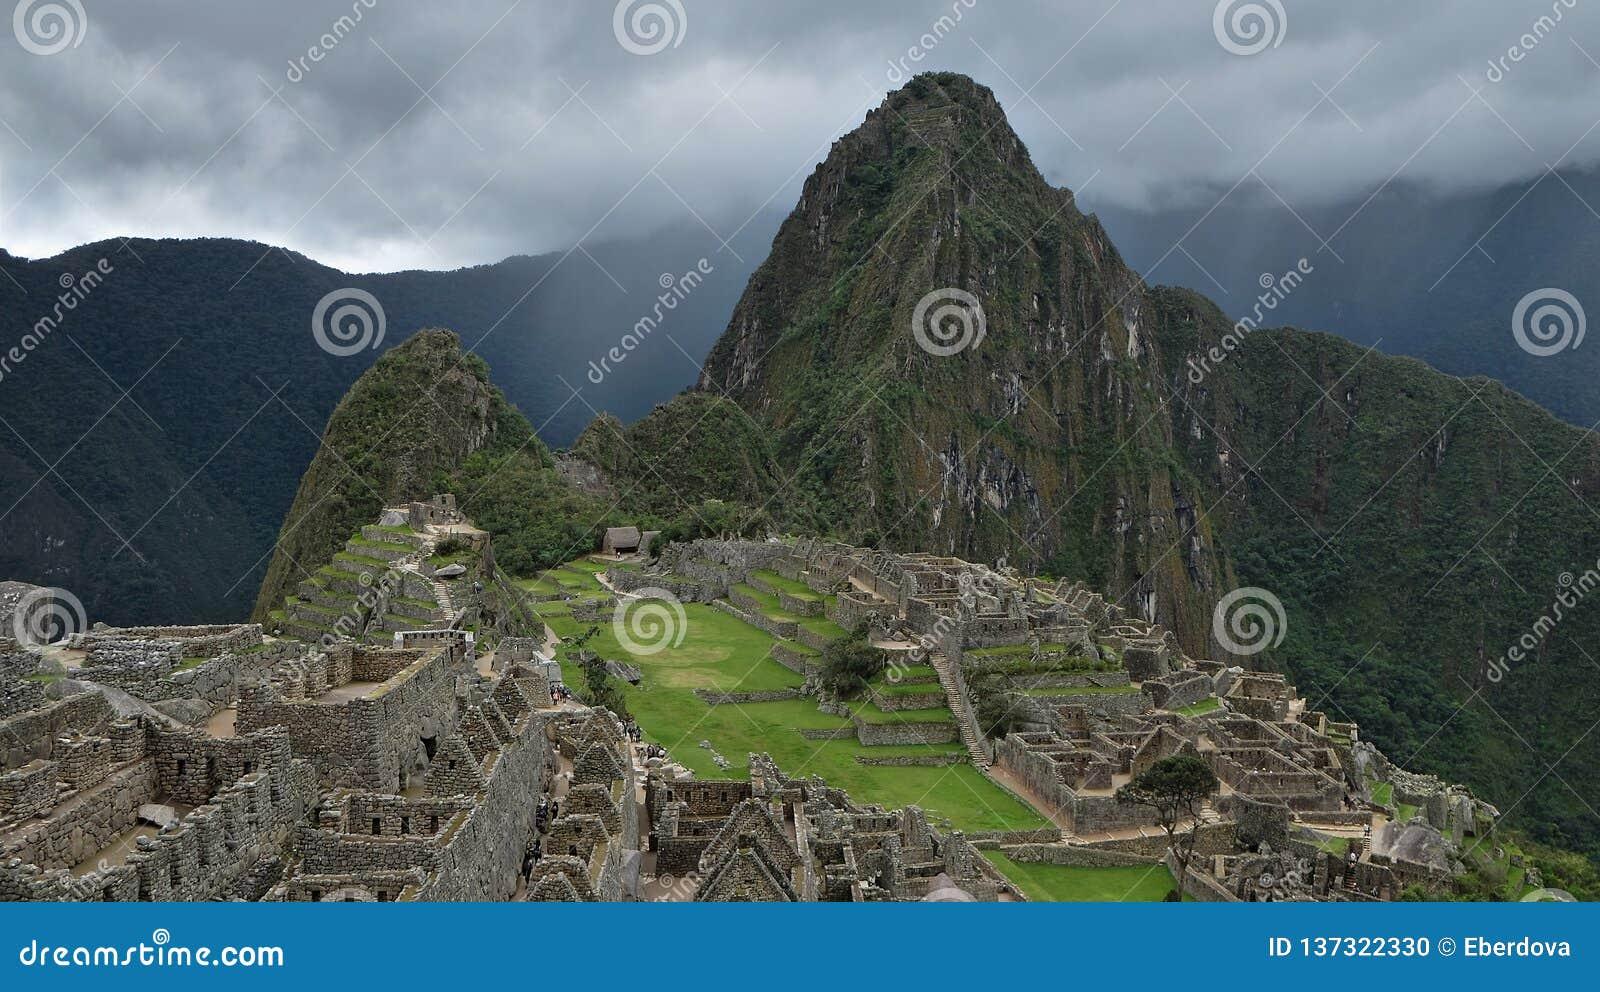 Motning nebuloso no local arqueológico de Machu Picchu